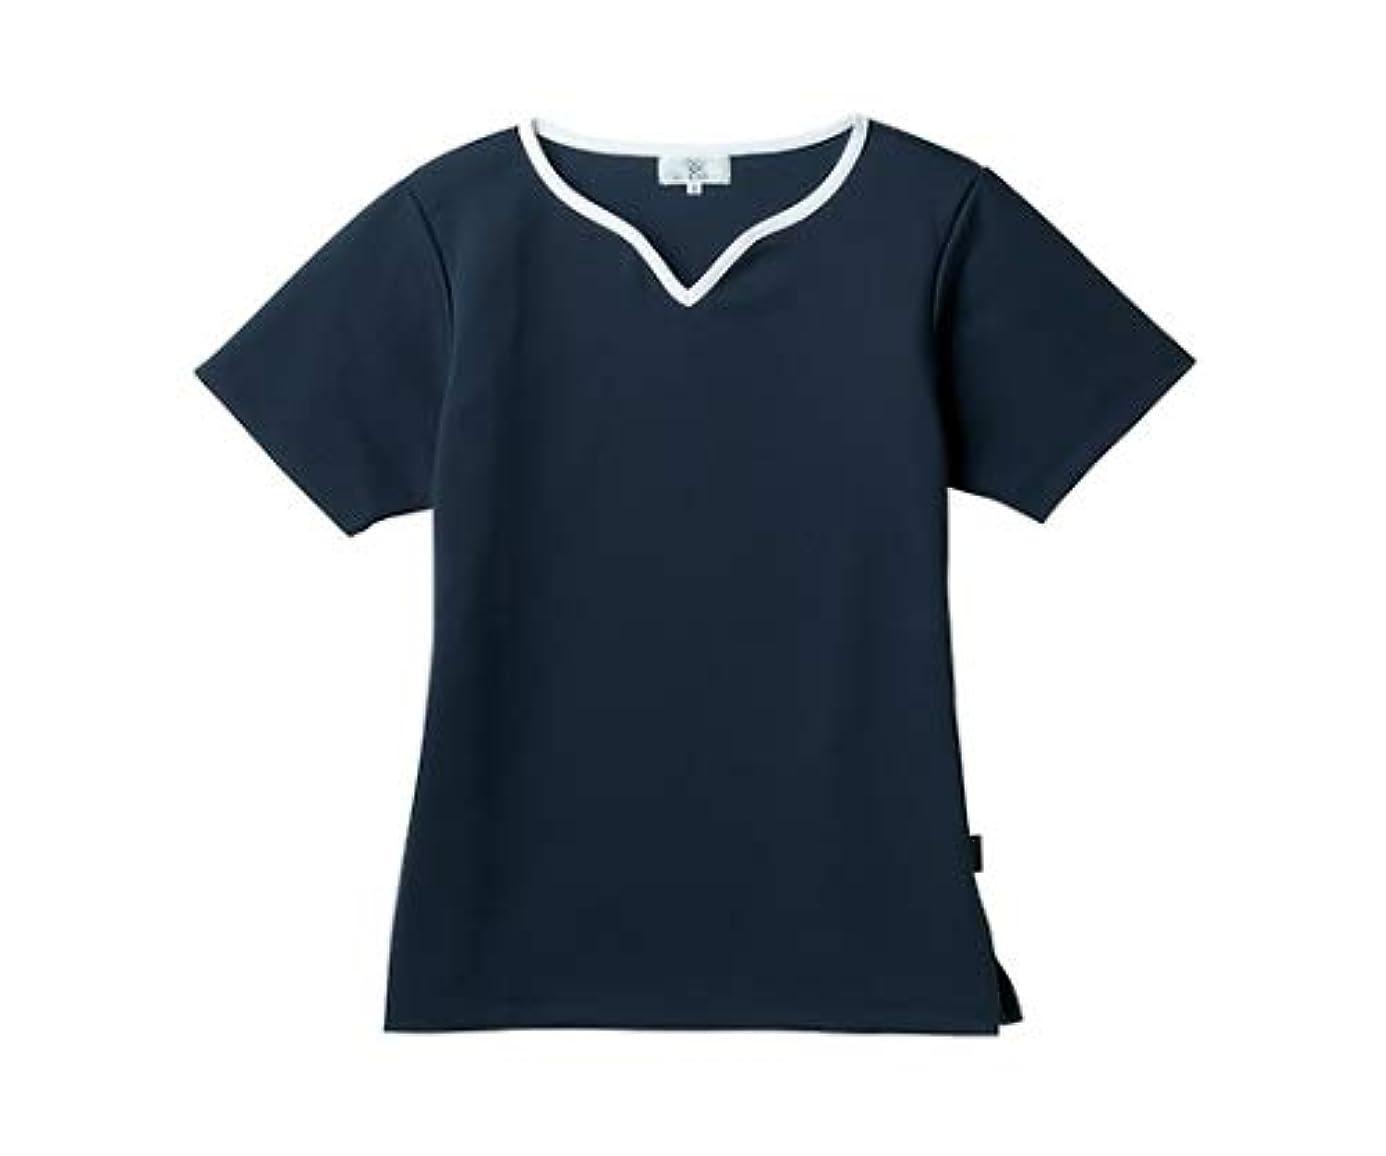 センブランスメジャー田舎者トンボ/KIRAKU レディス入浴介助用シャツ CR161 LL ネイビー